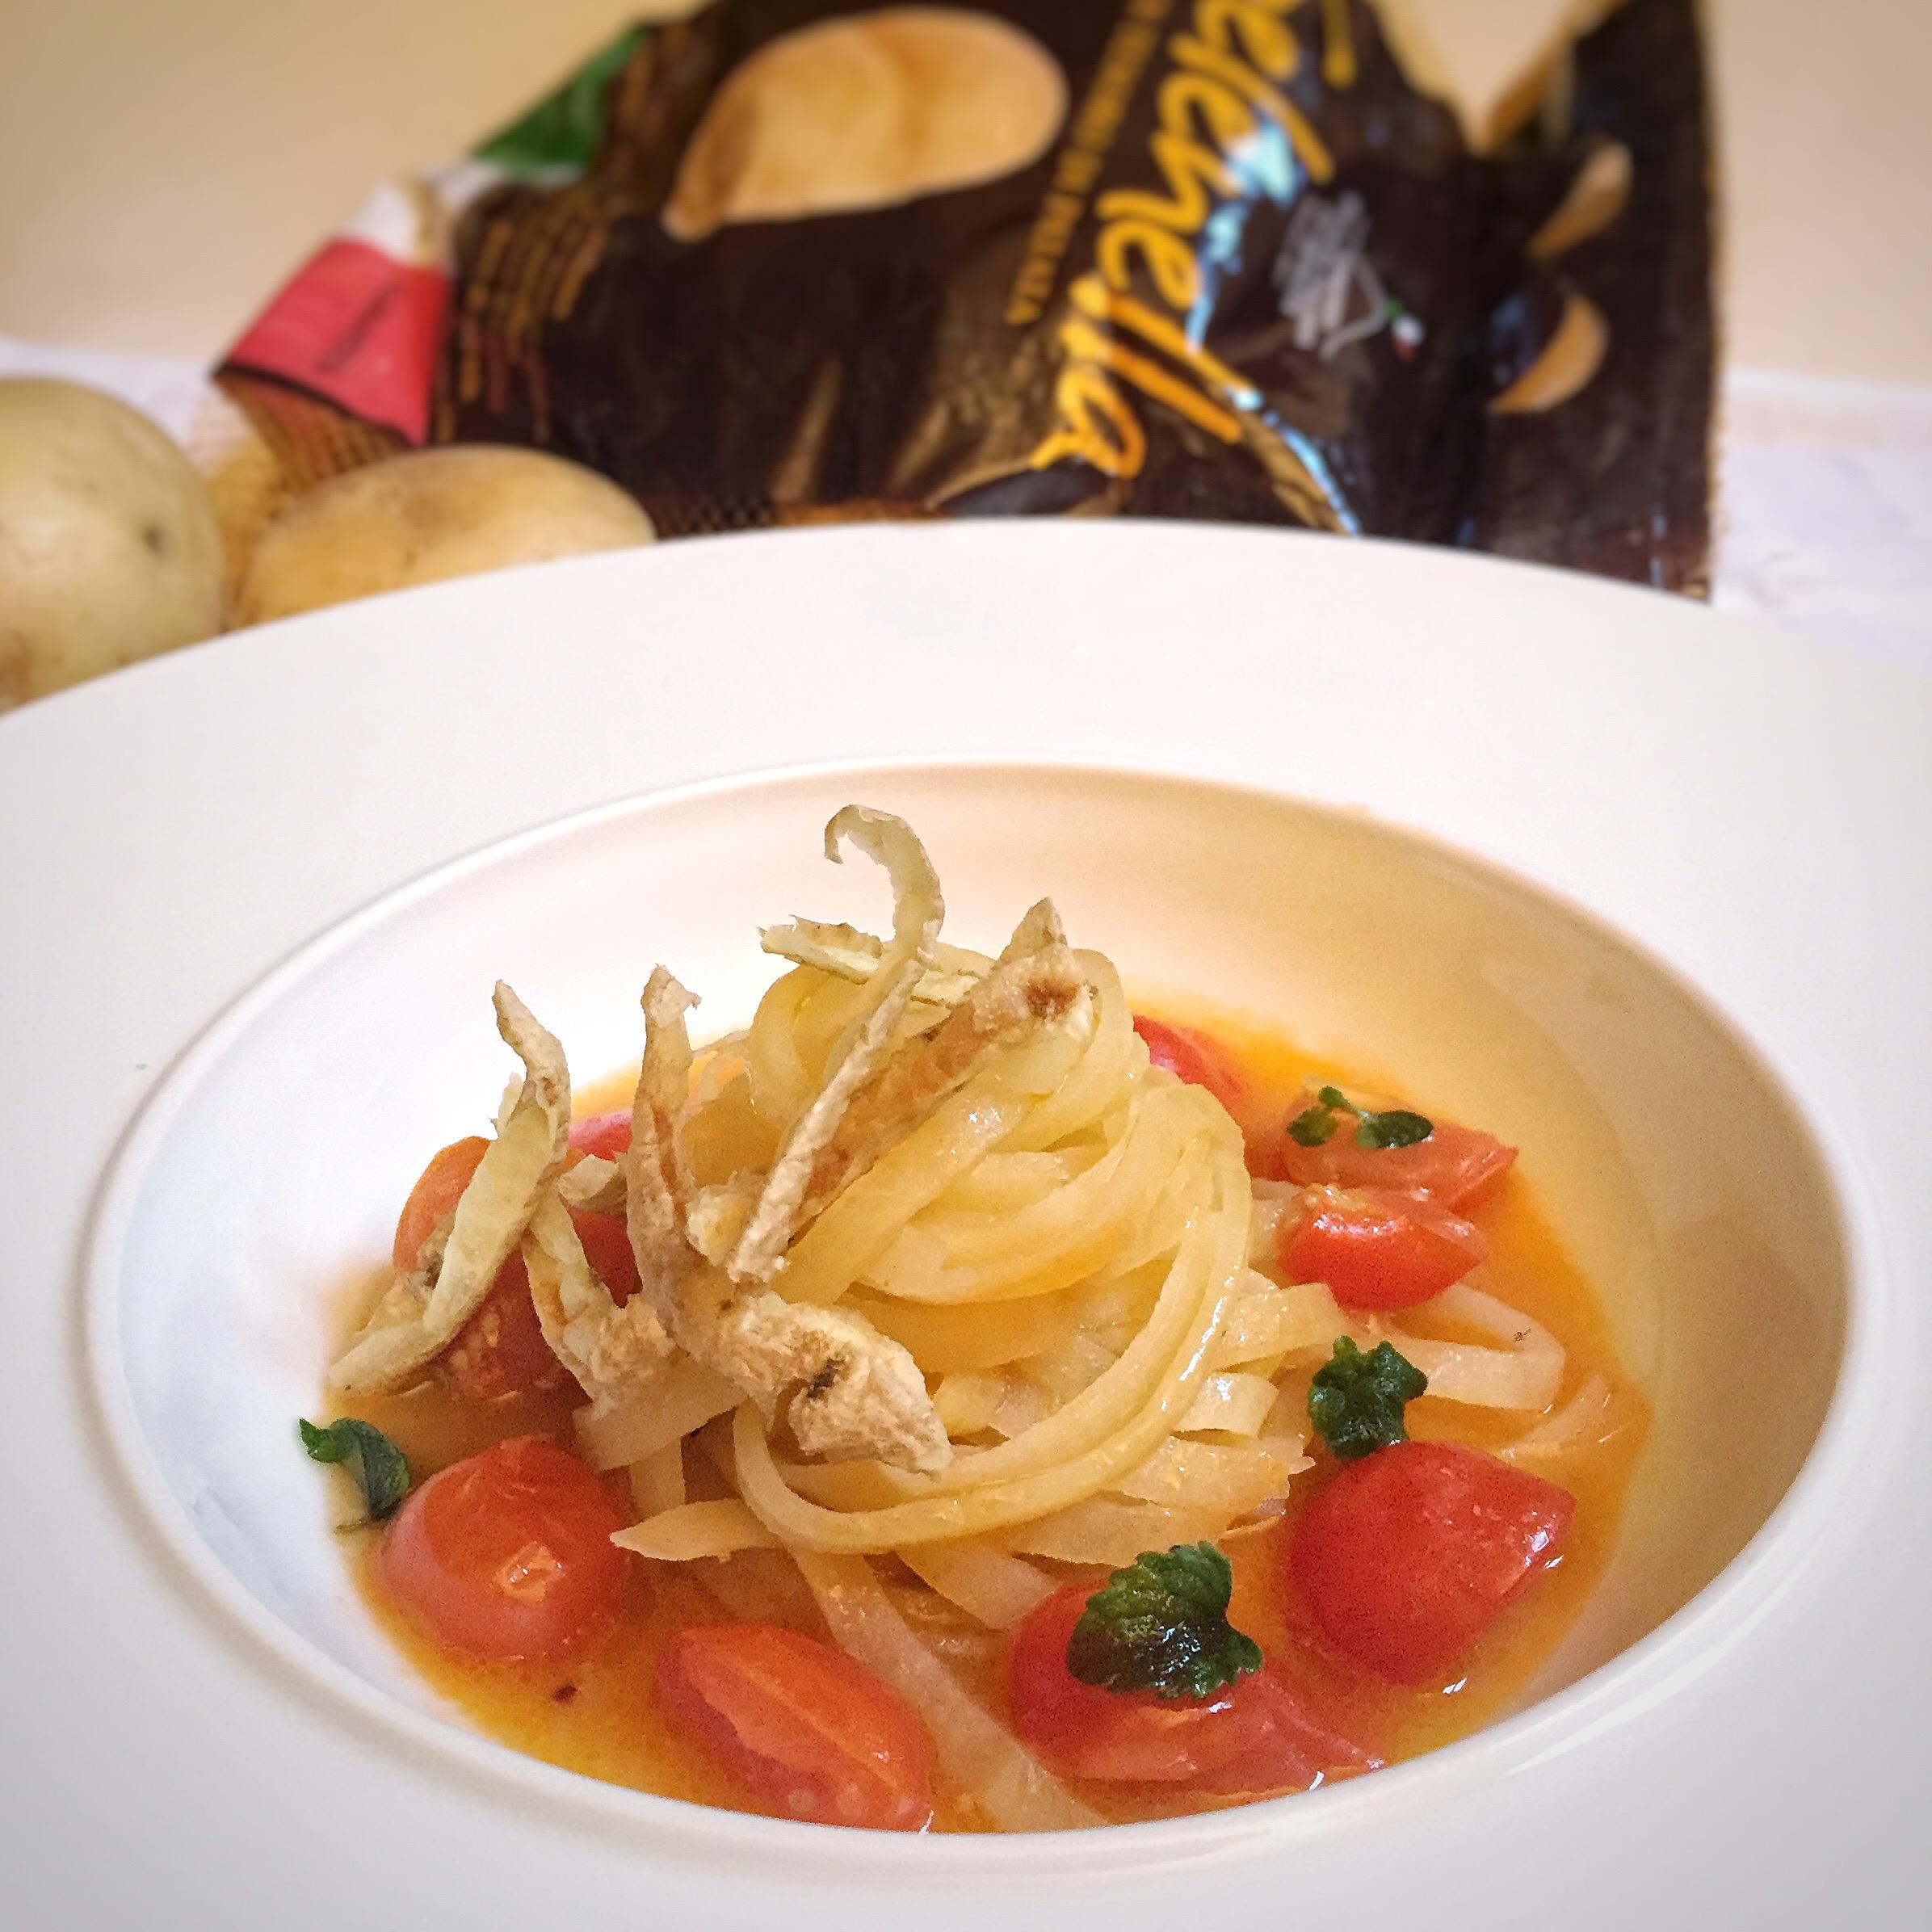 Spaghetti di patate in guazzetto di pomodoro